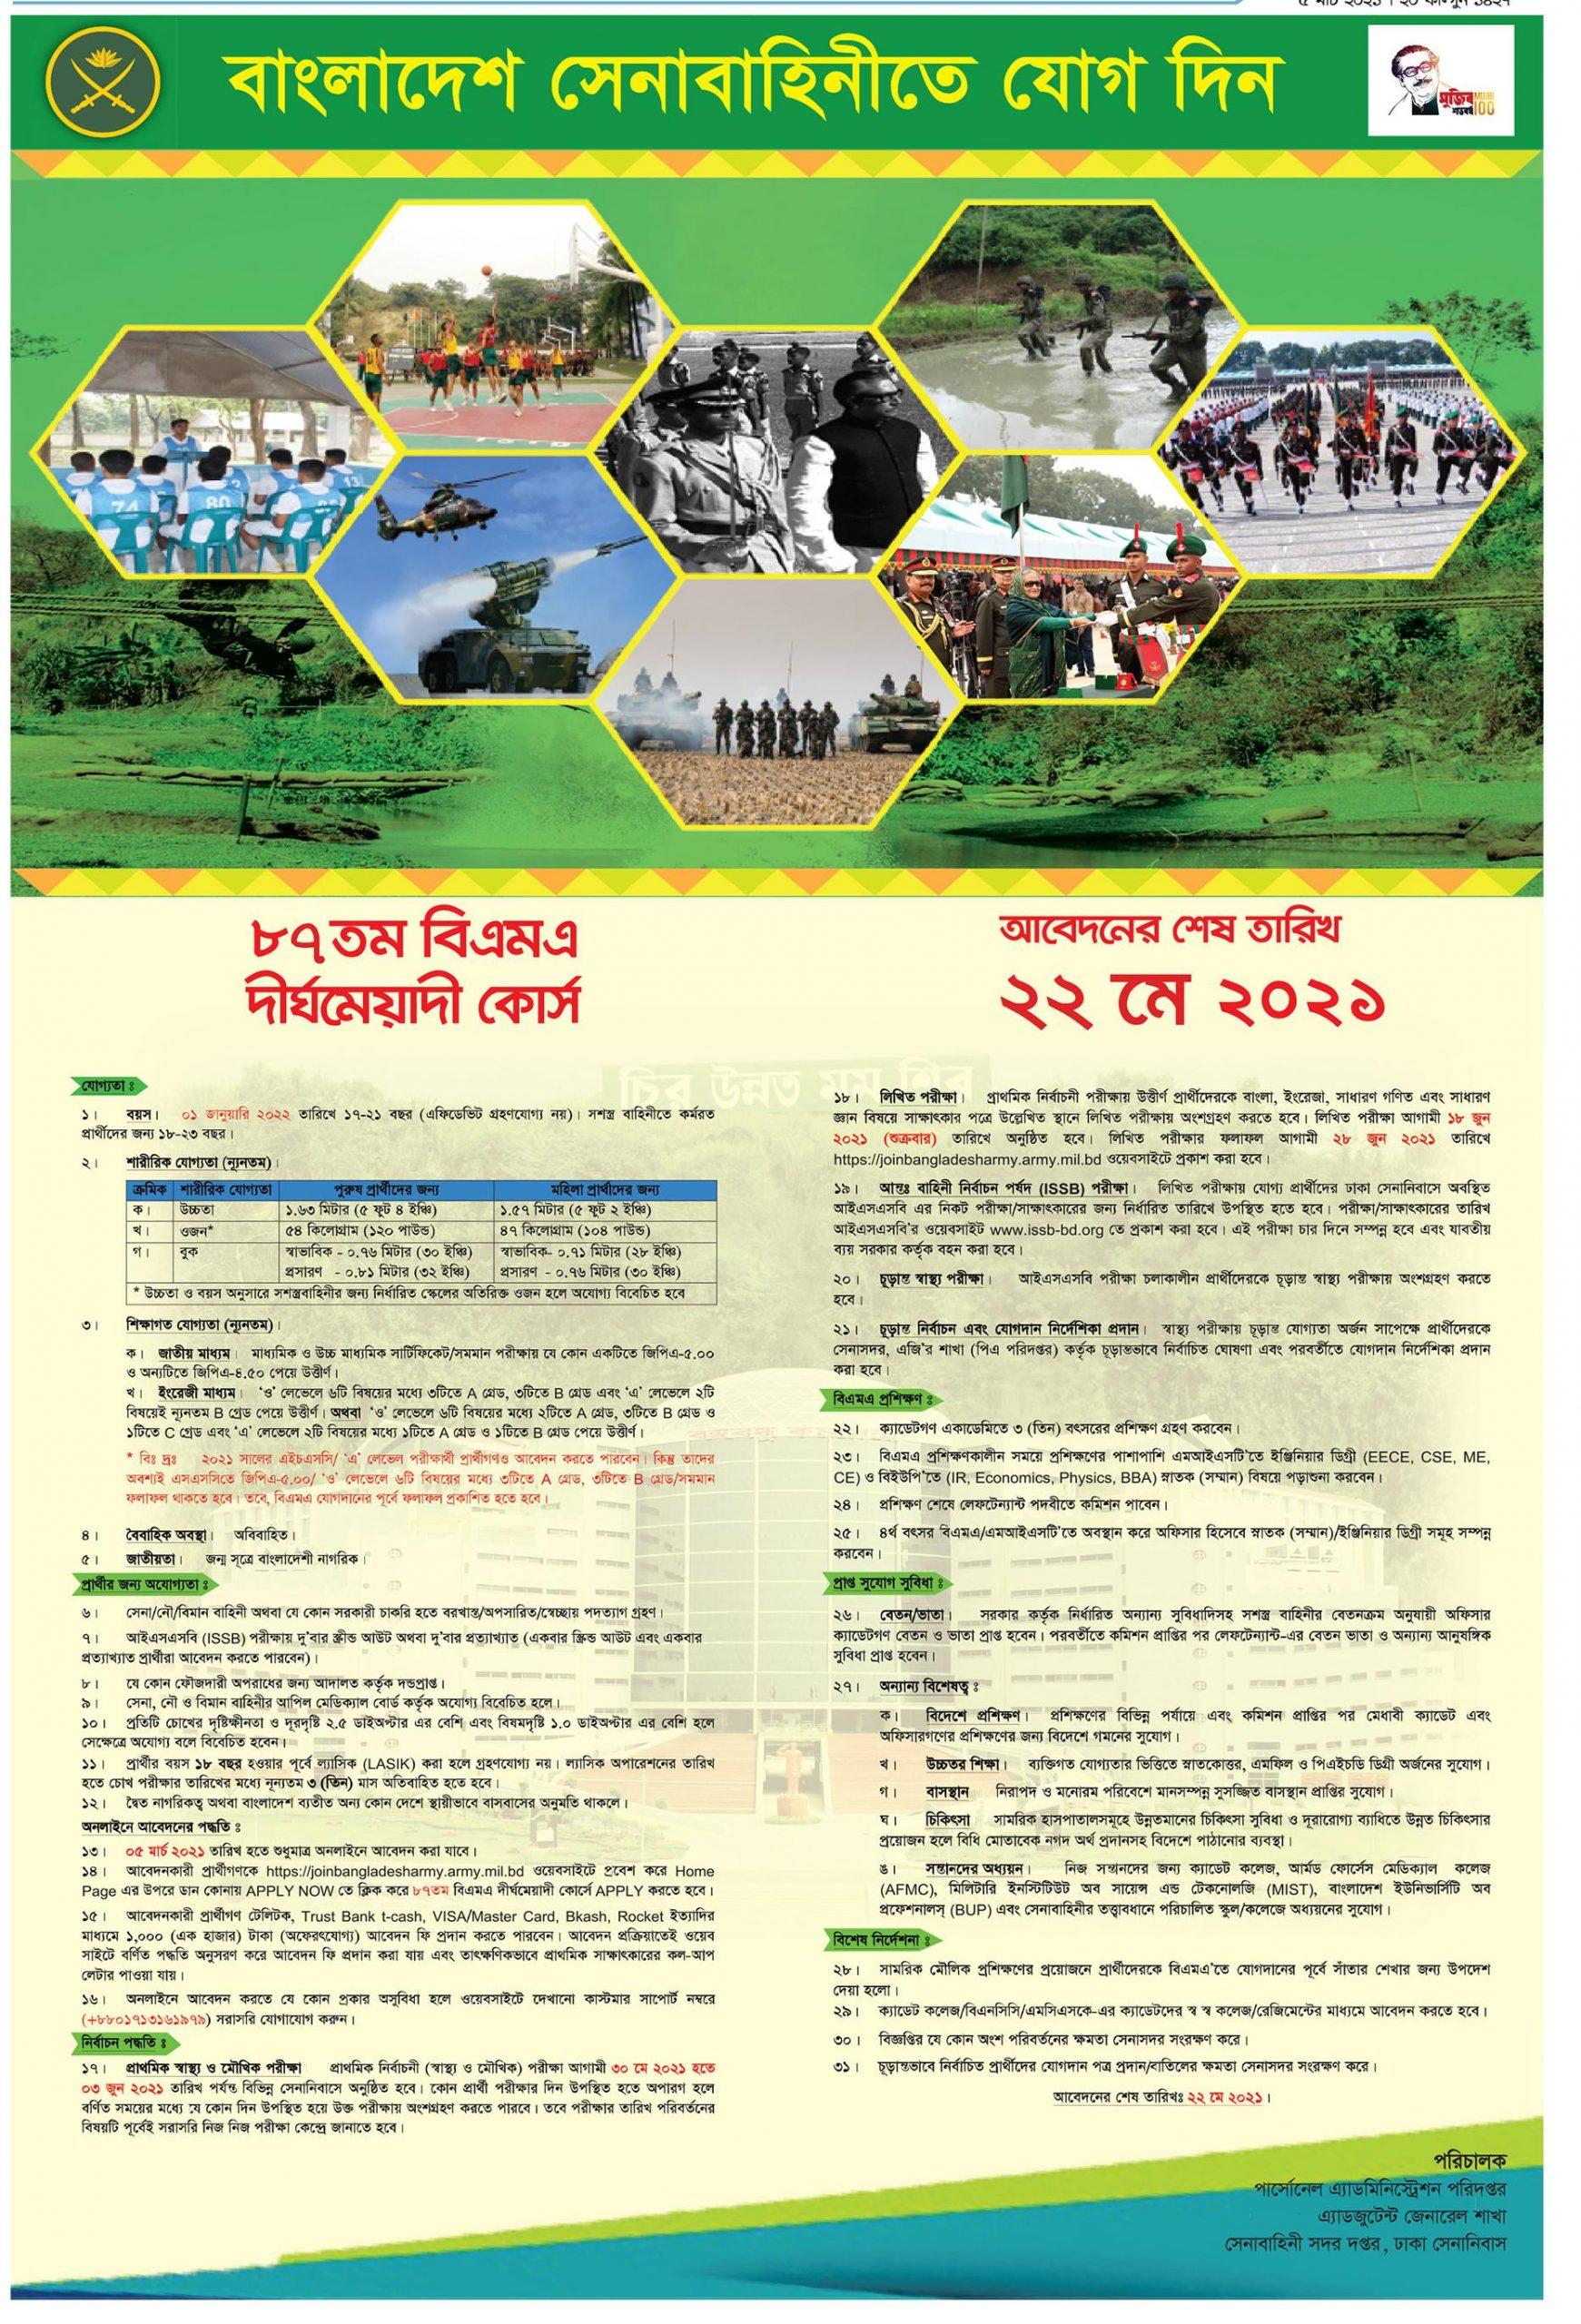 Bangladesh Army 87th BMA Long Course Circular 2021